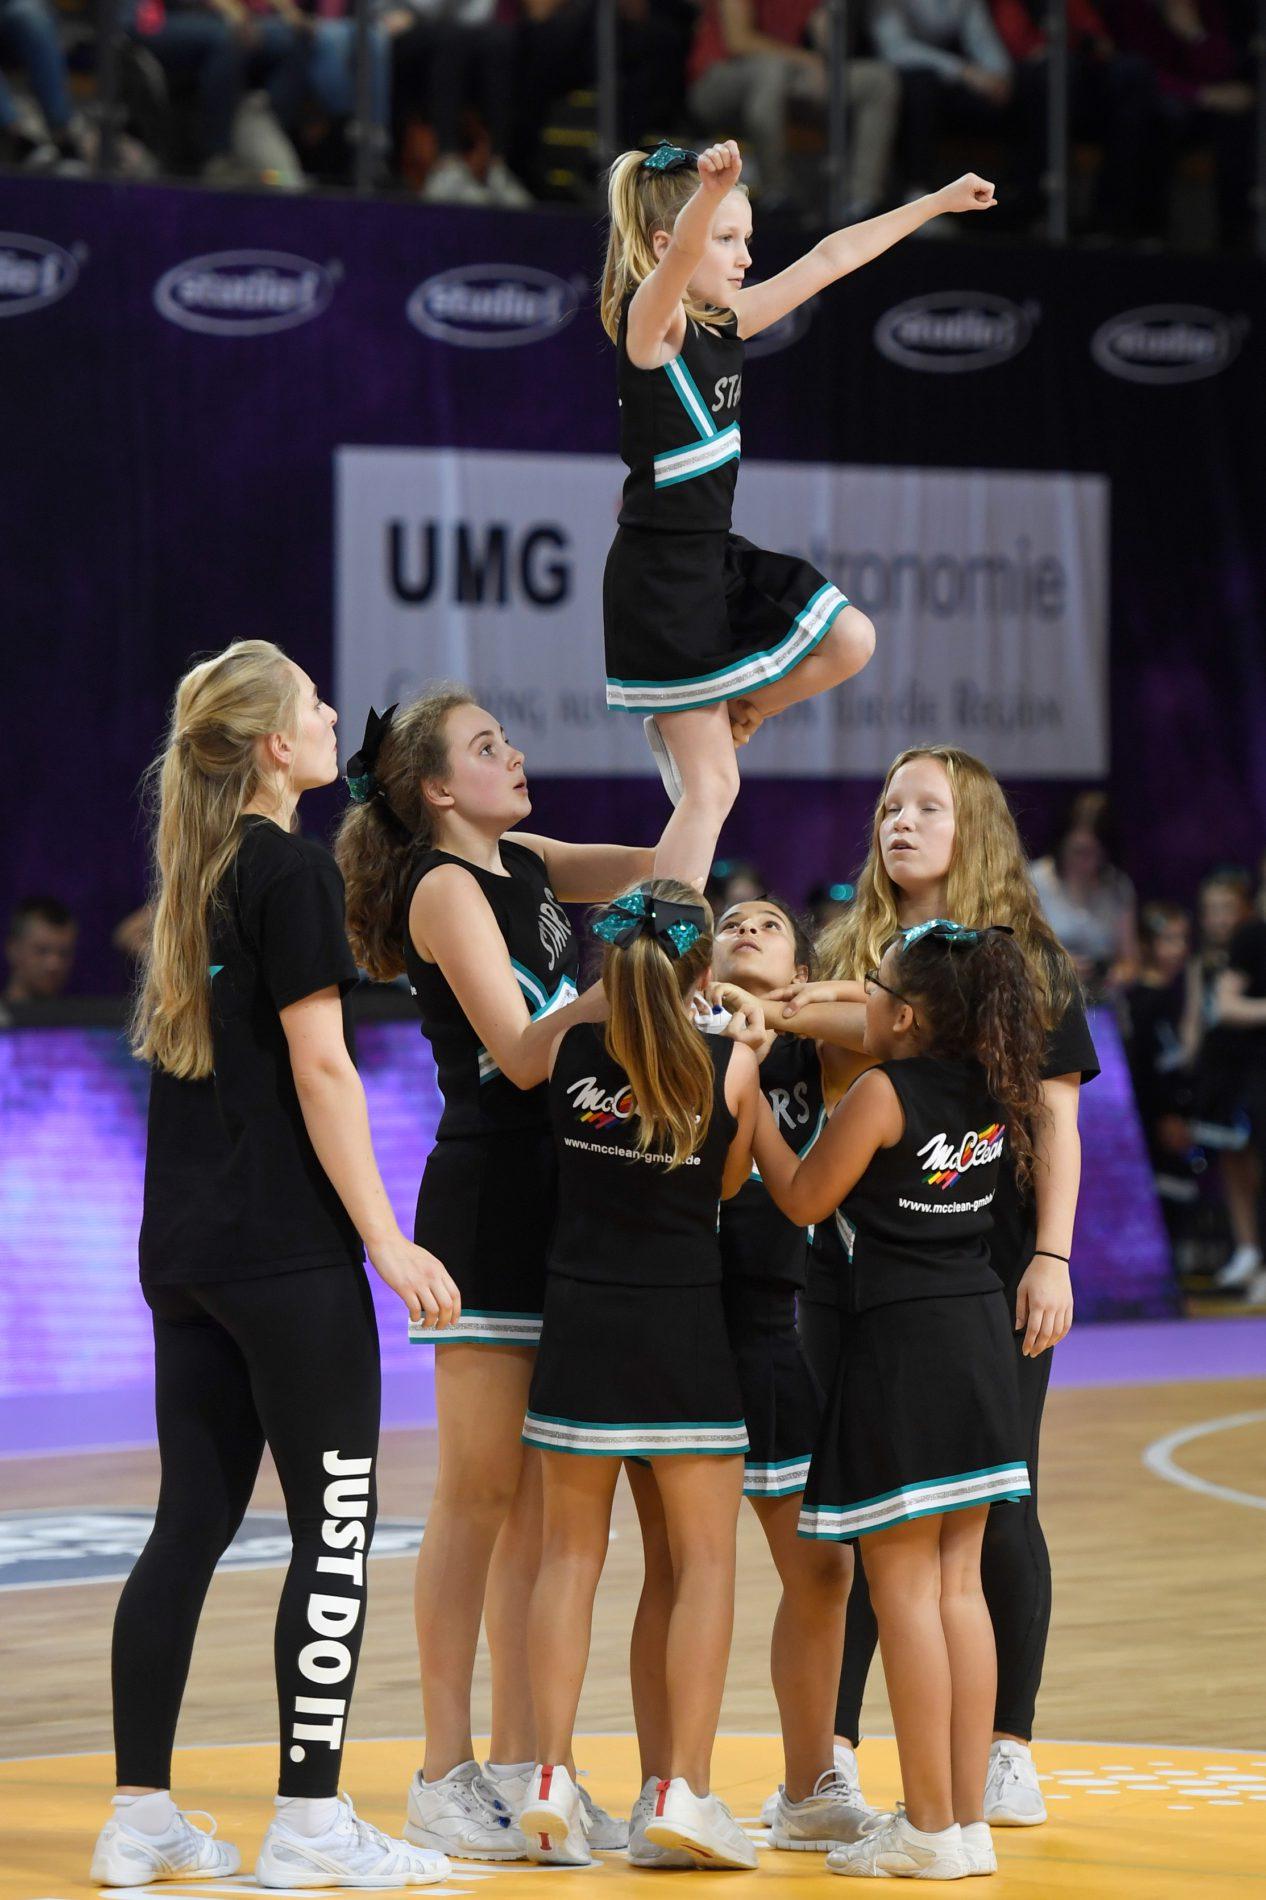 Die Peewees sind als Göttinger Cheerleader eine feste Größe beim Spiel